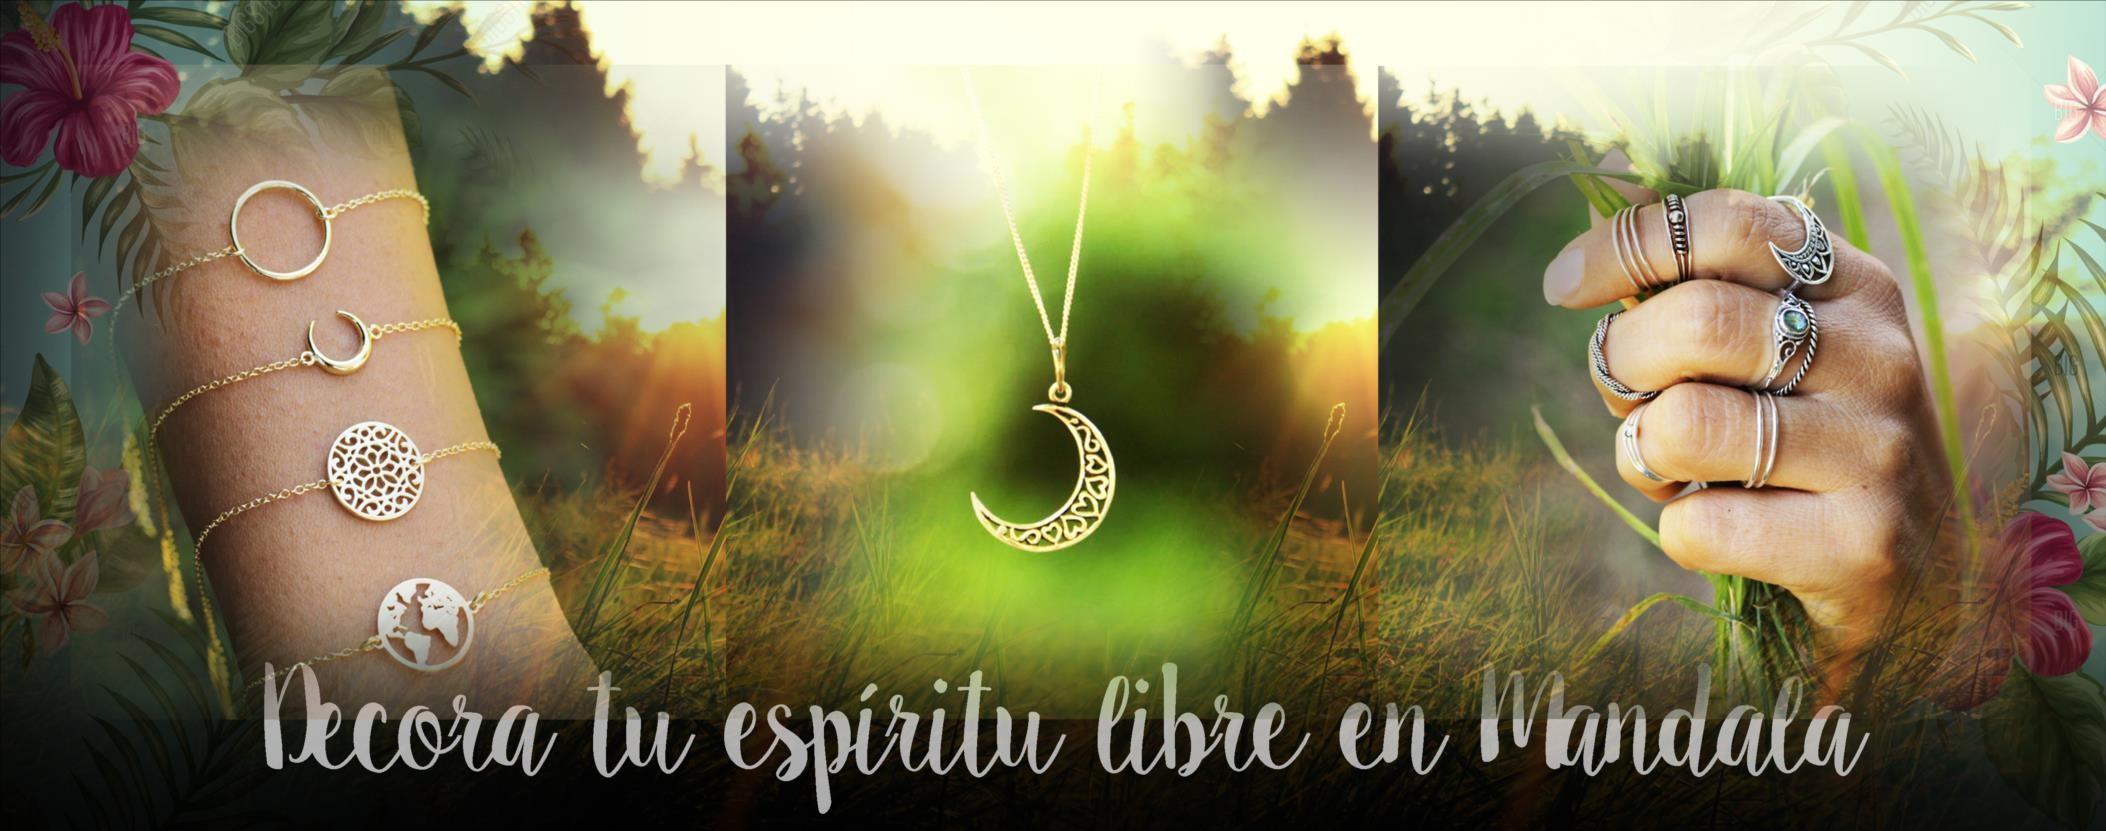 Decora tu espíritu libre